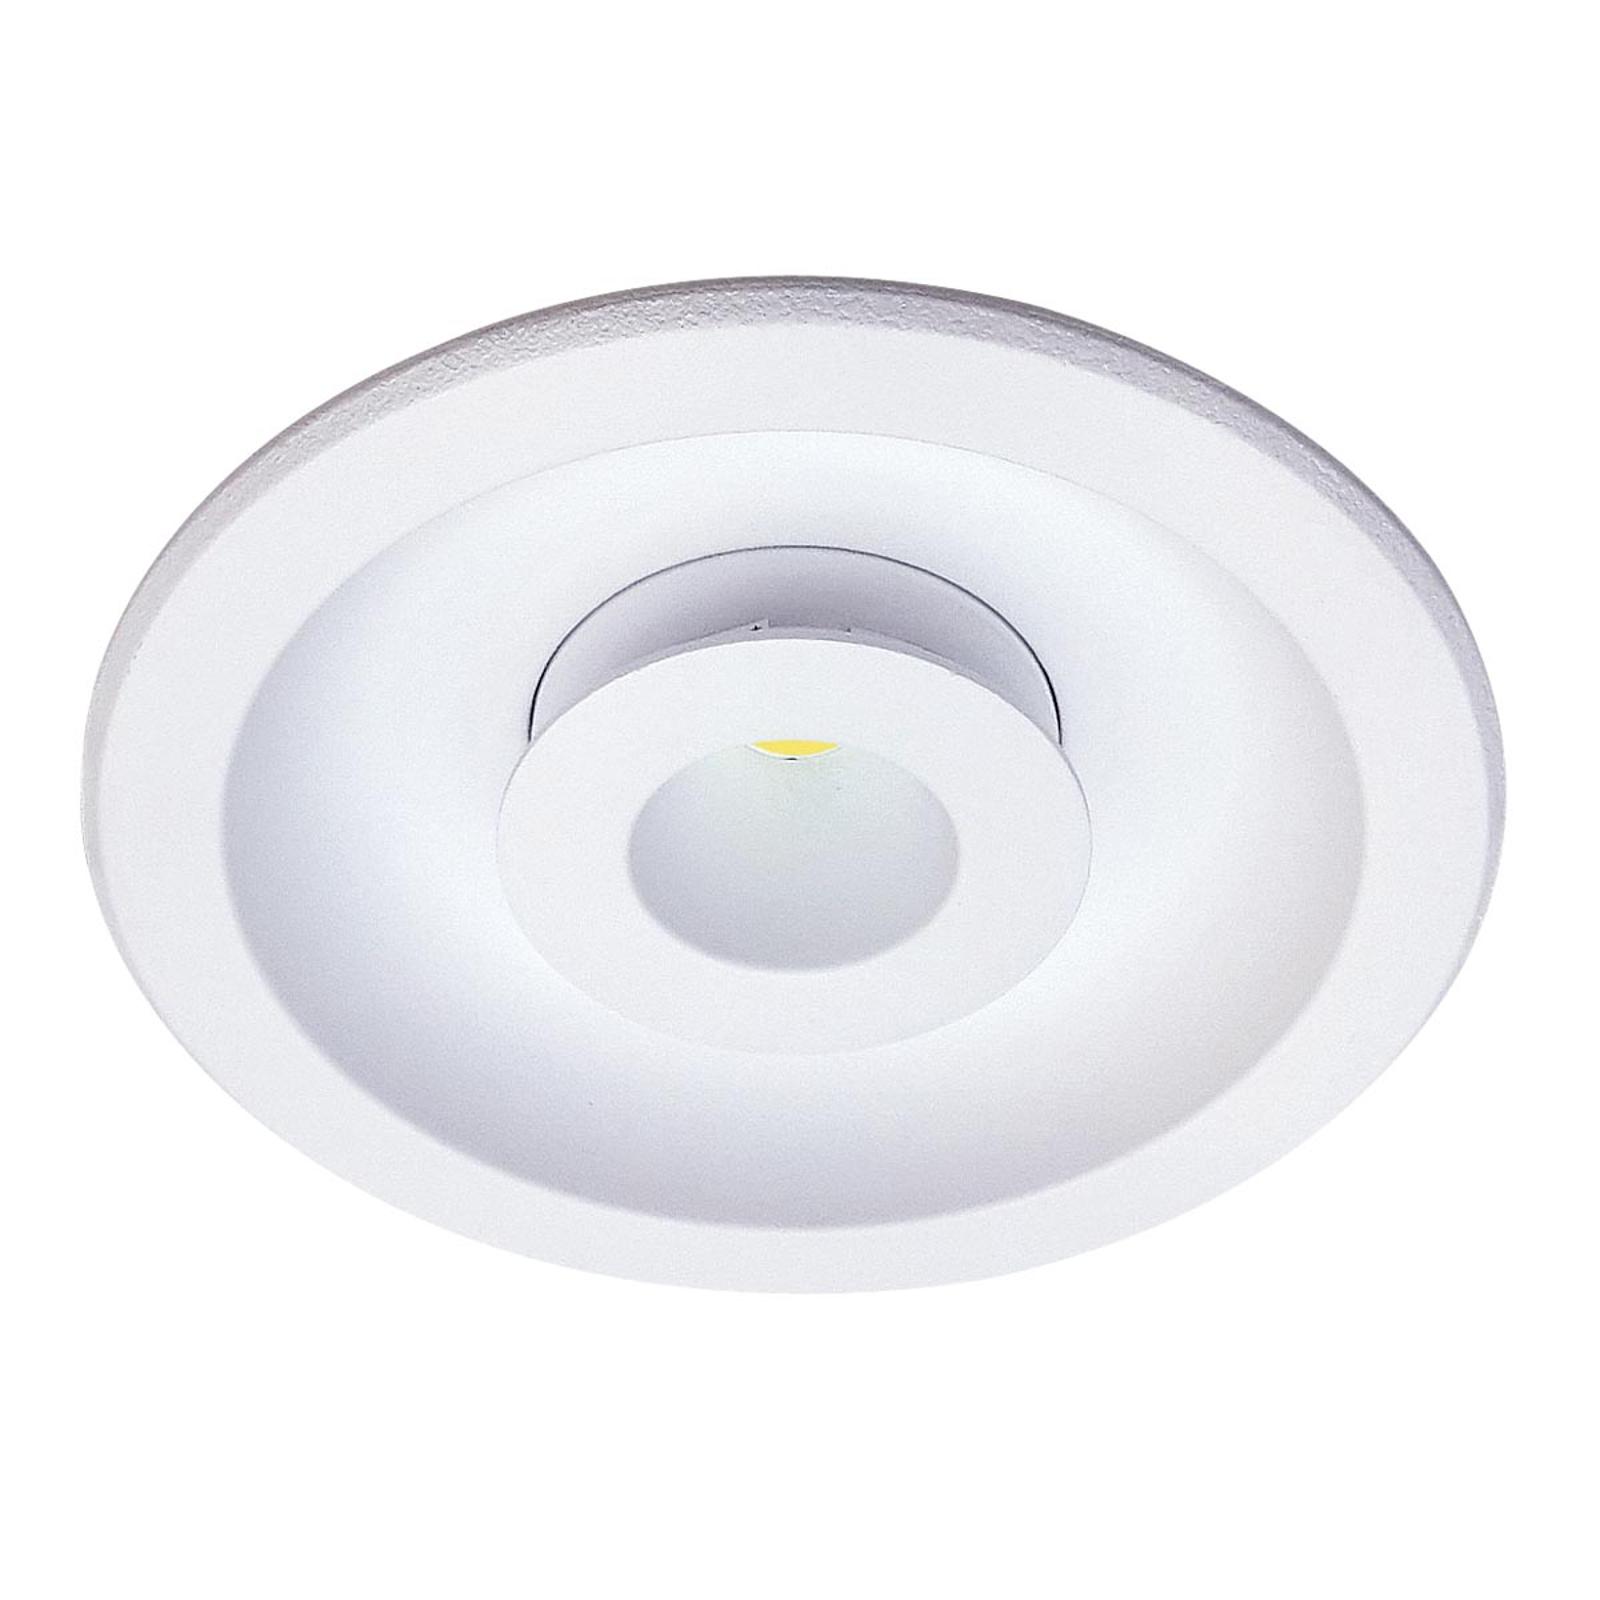 LED-Einbauleuchte Meto mit Lichtwechselfunktion